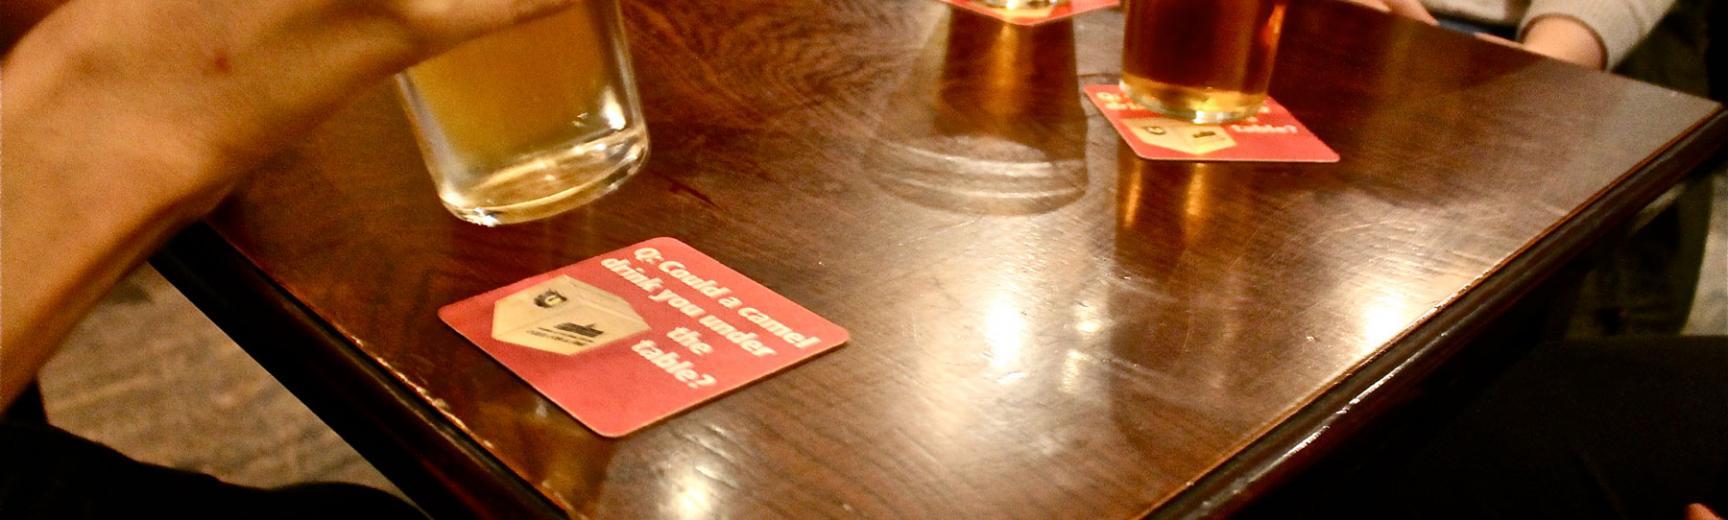 fftmc beer mat